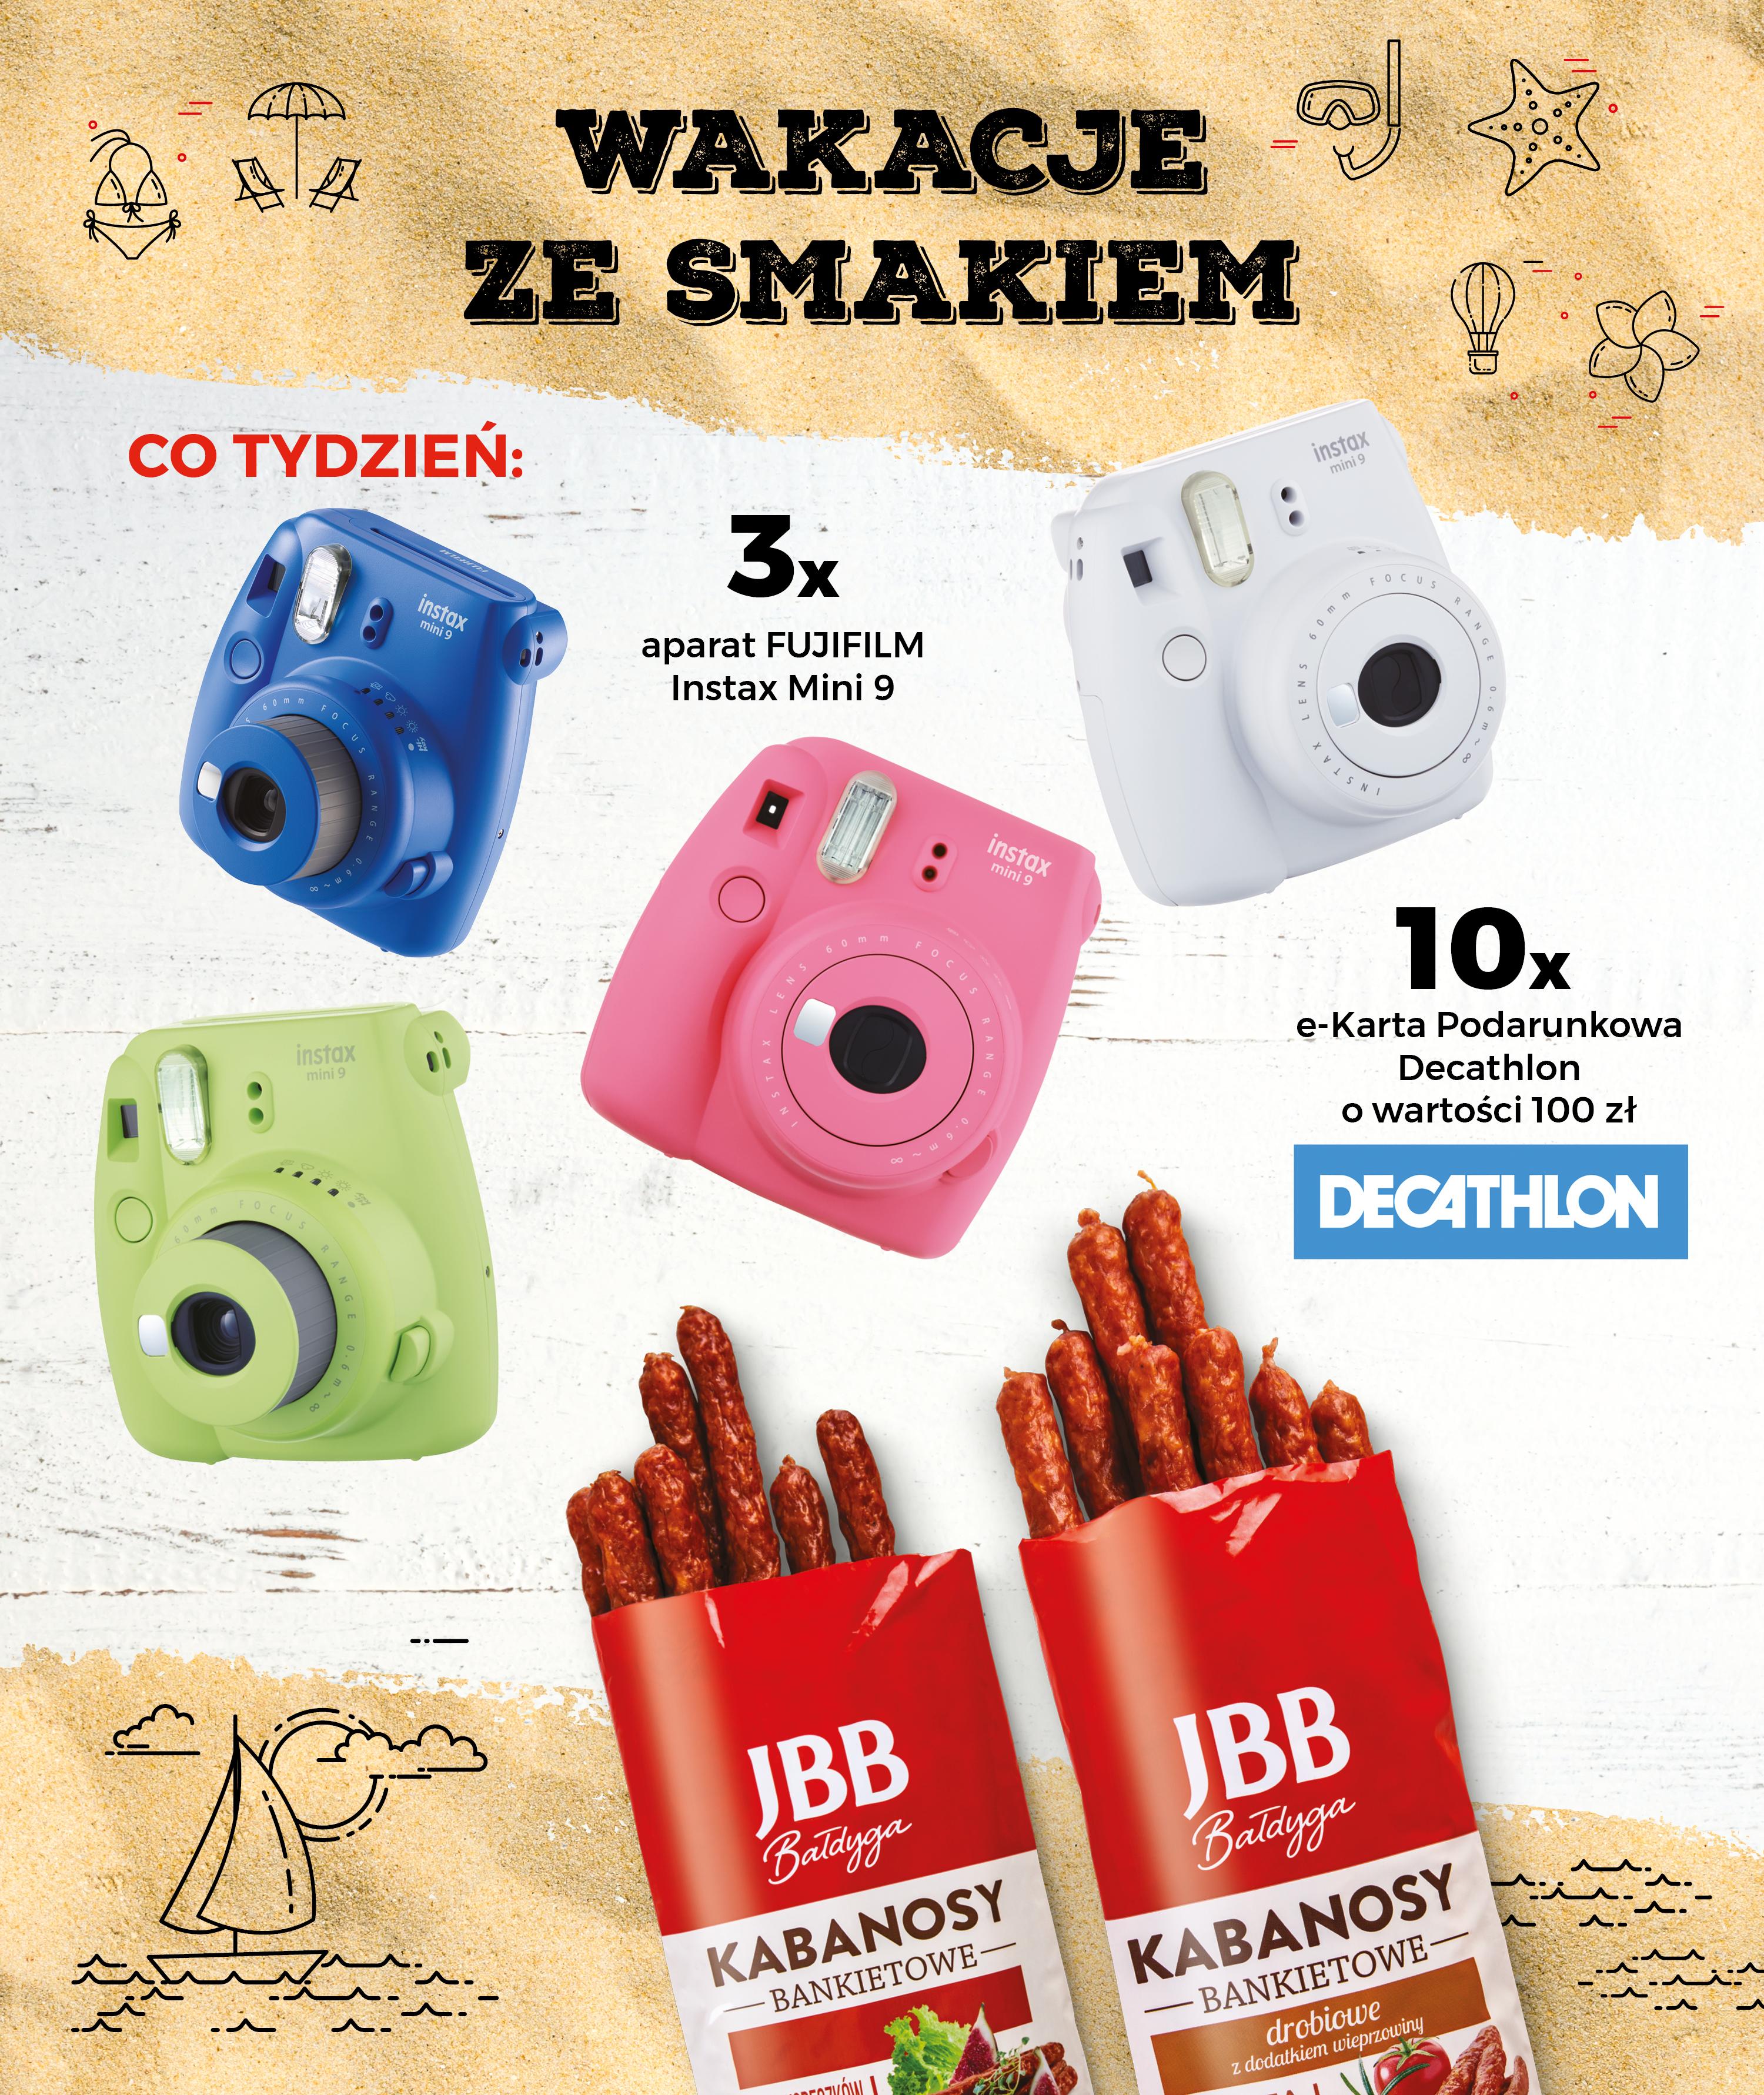 Loteria JBB Bałdyga